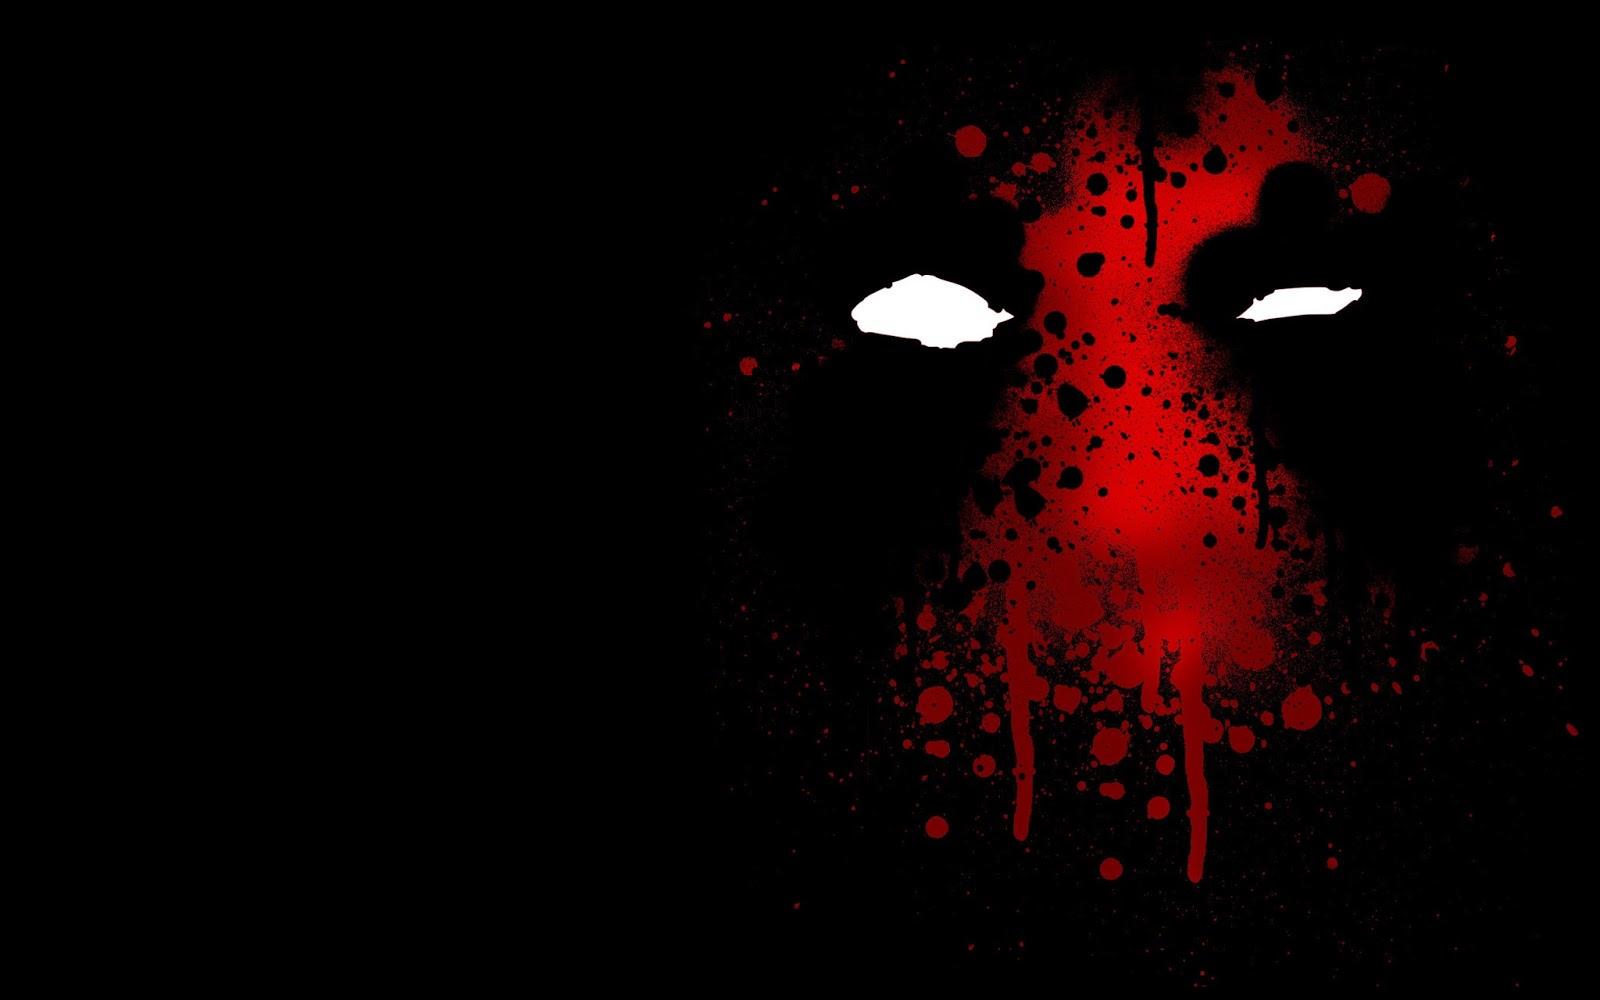 48+ Black Superheroes Wallpaper on WallpaperSafari